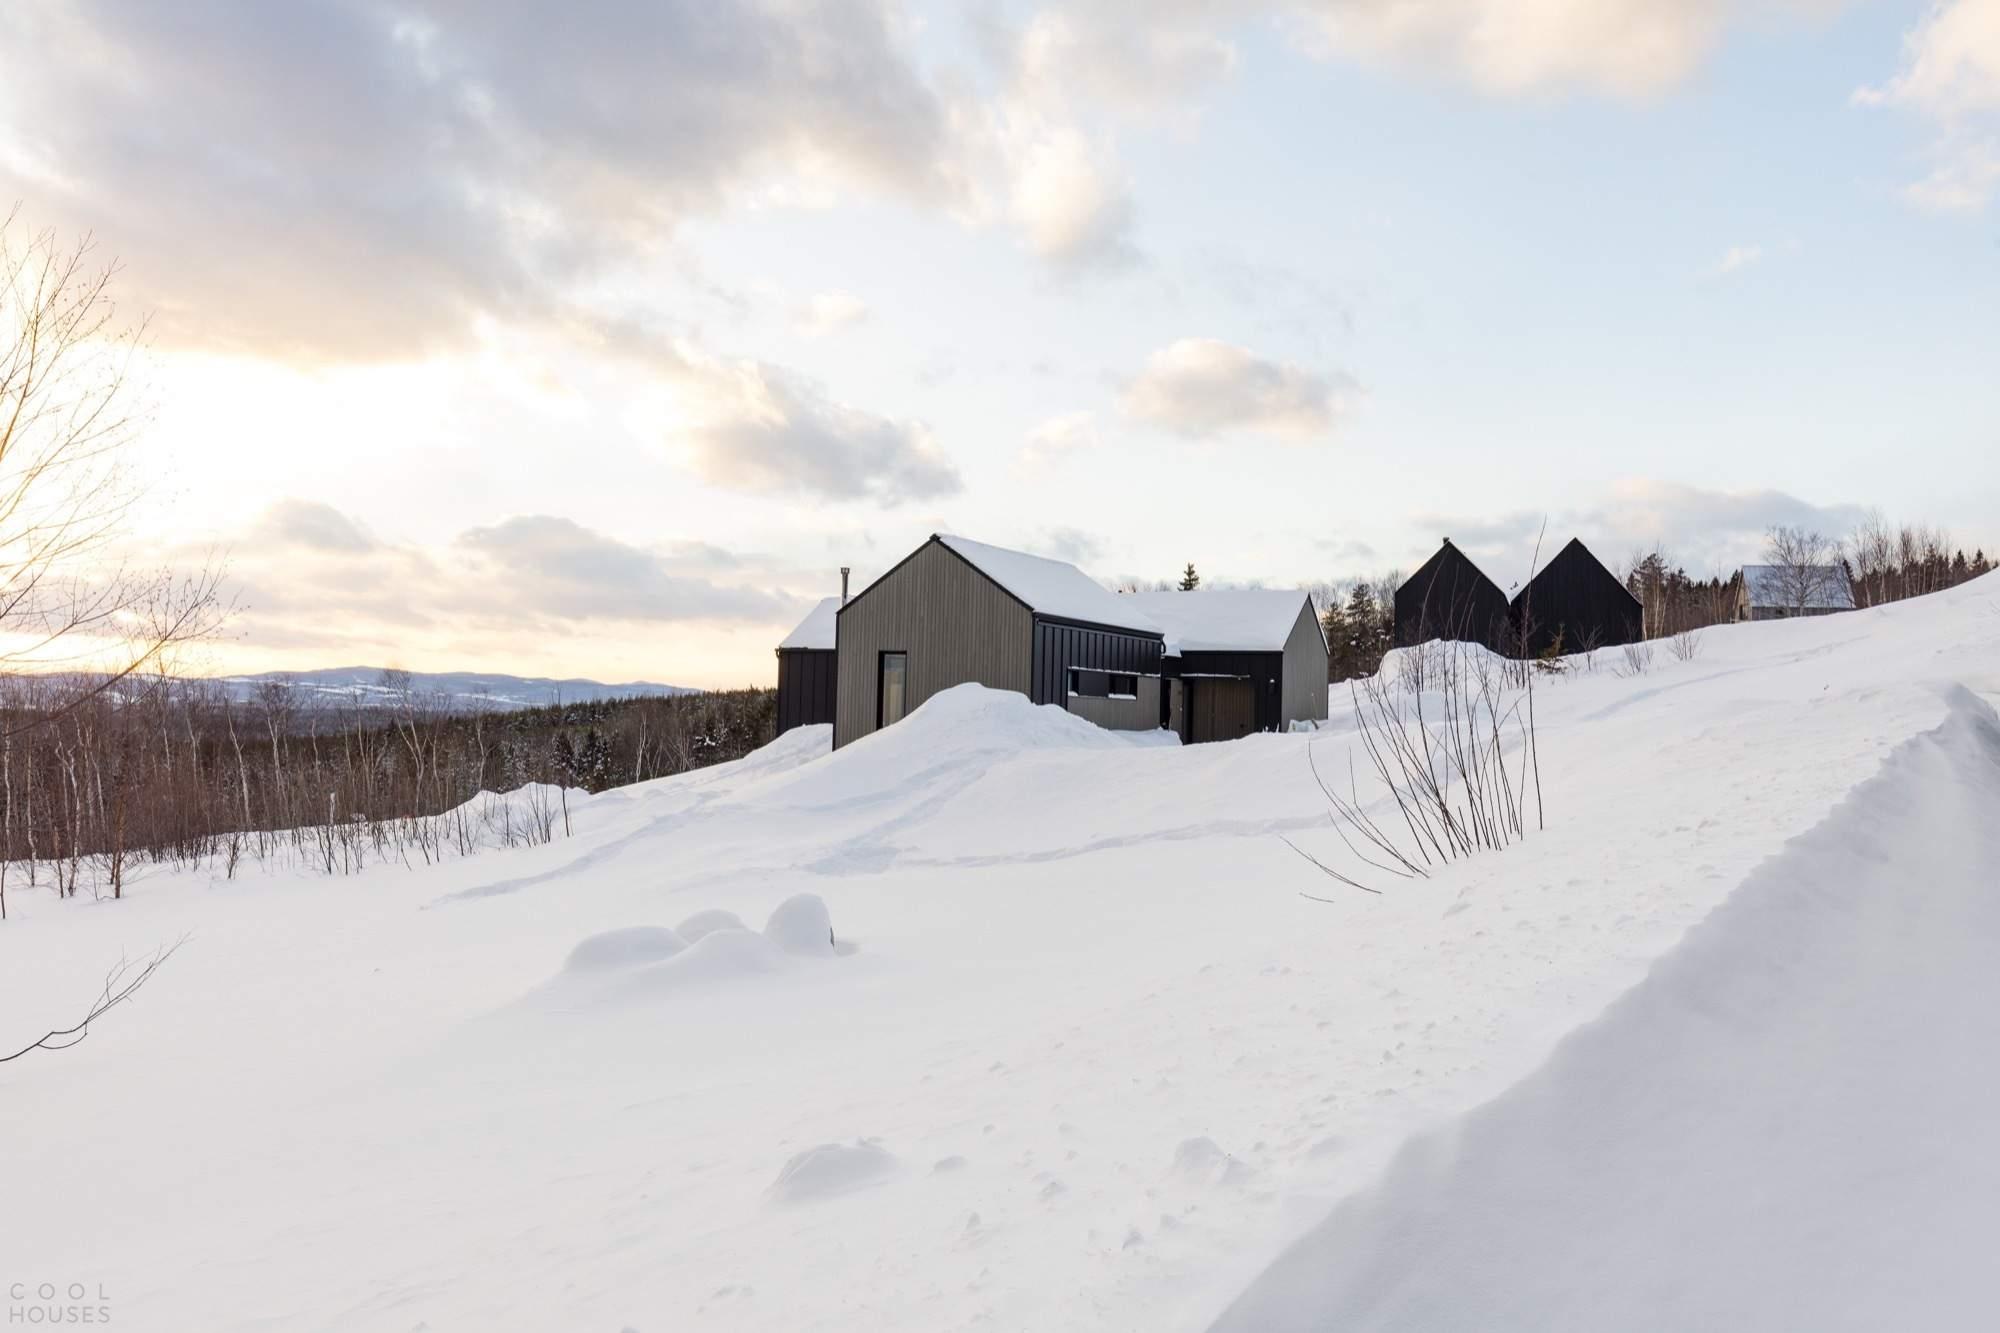 Шале с современным деревенским дизайном, Канада